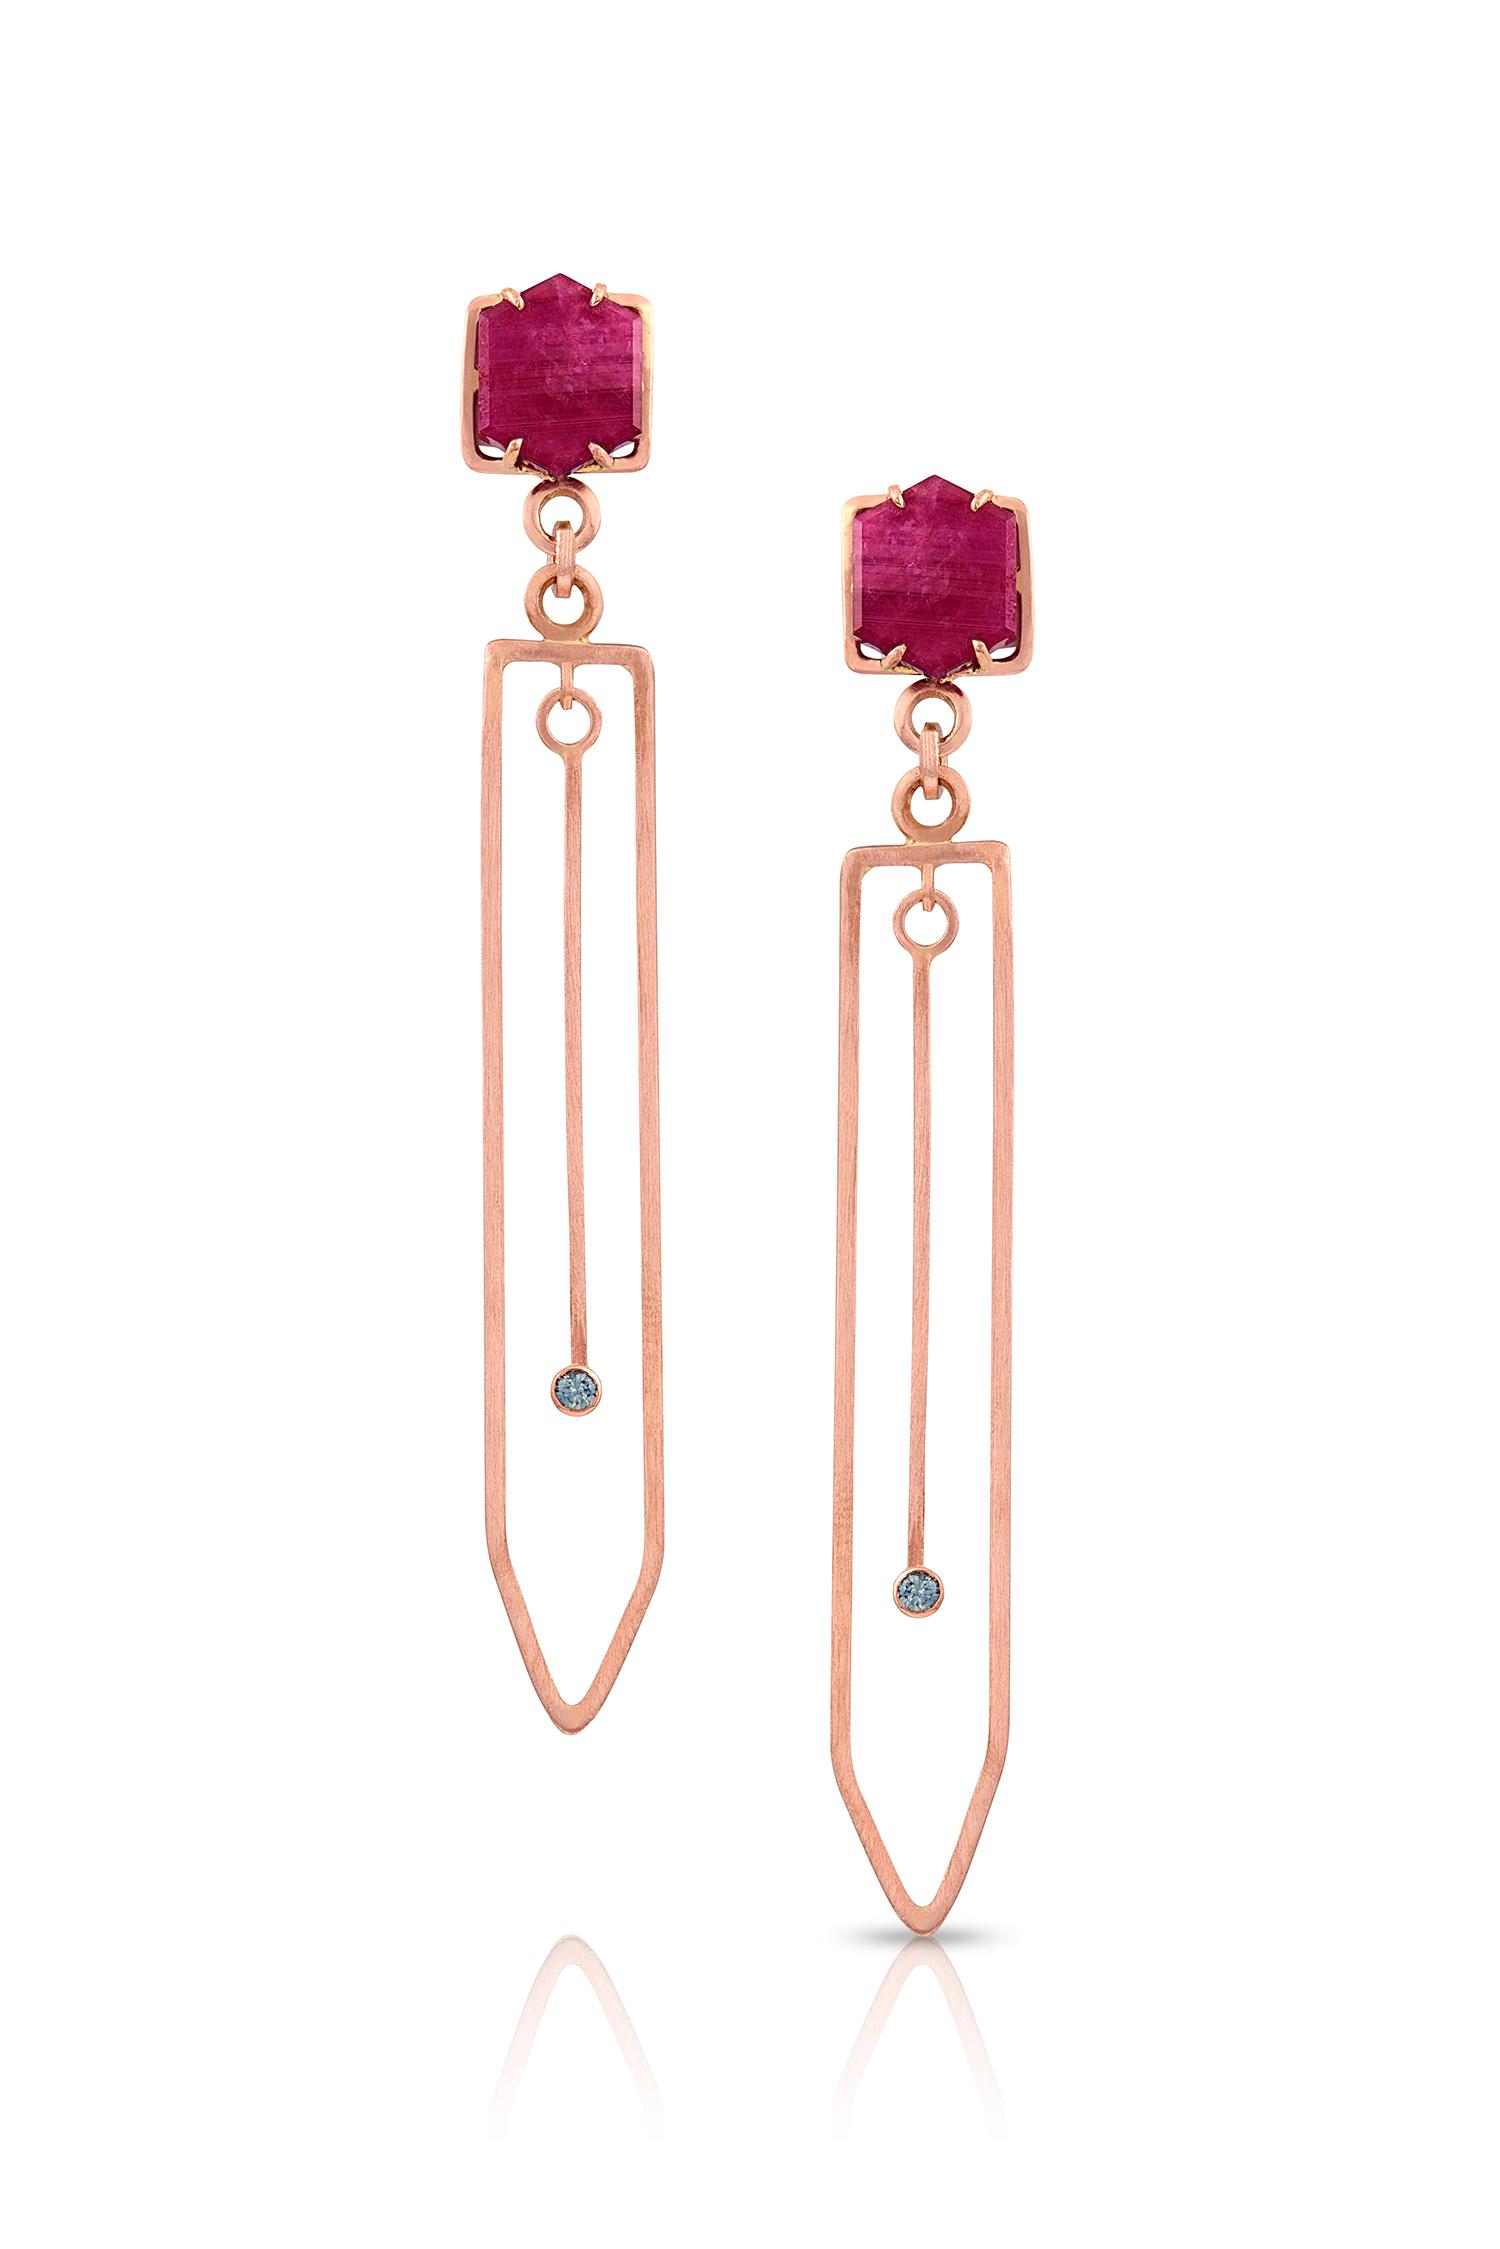 Fabia-Earrings-4.jpg